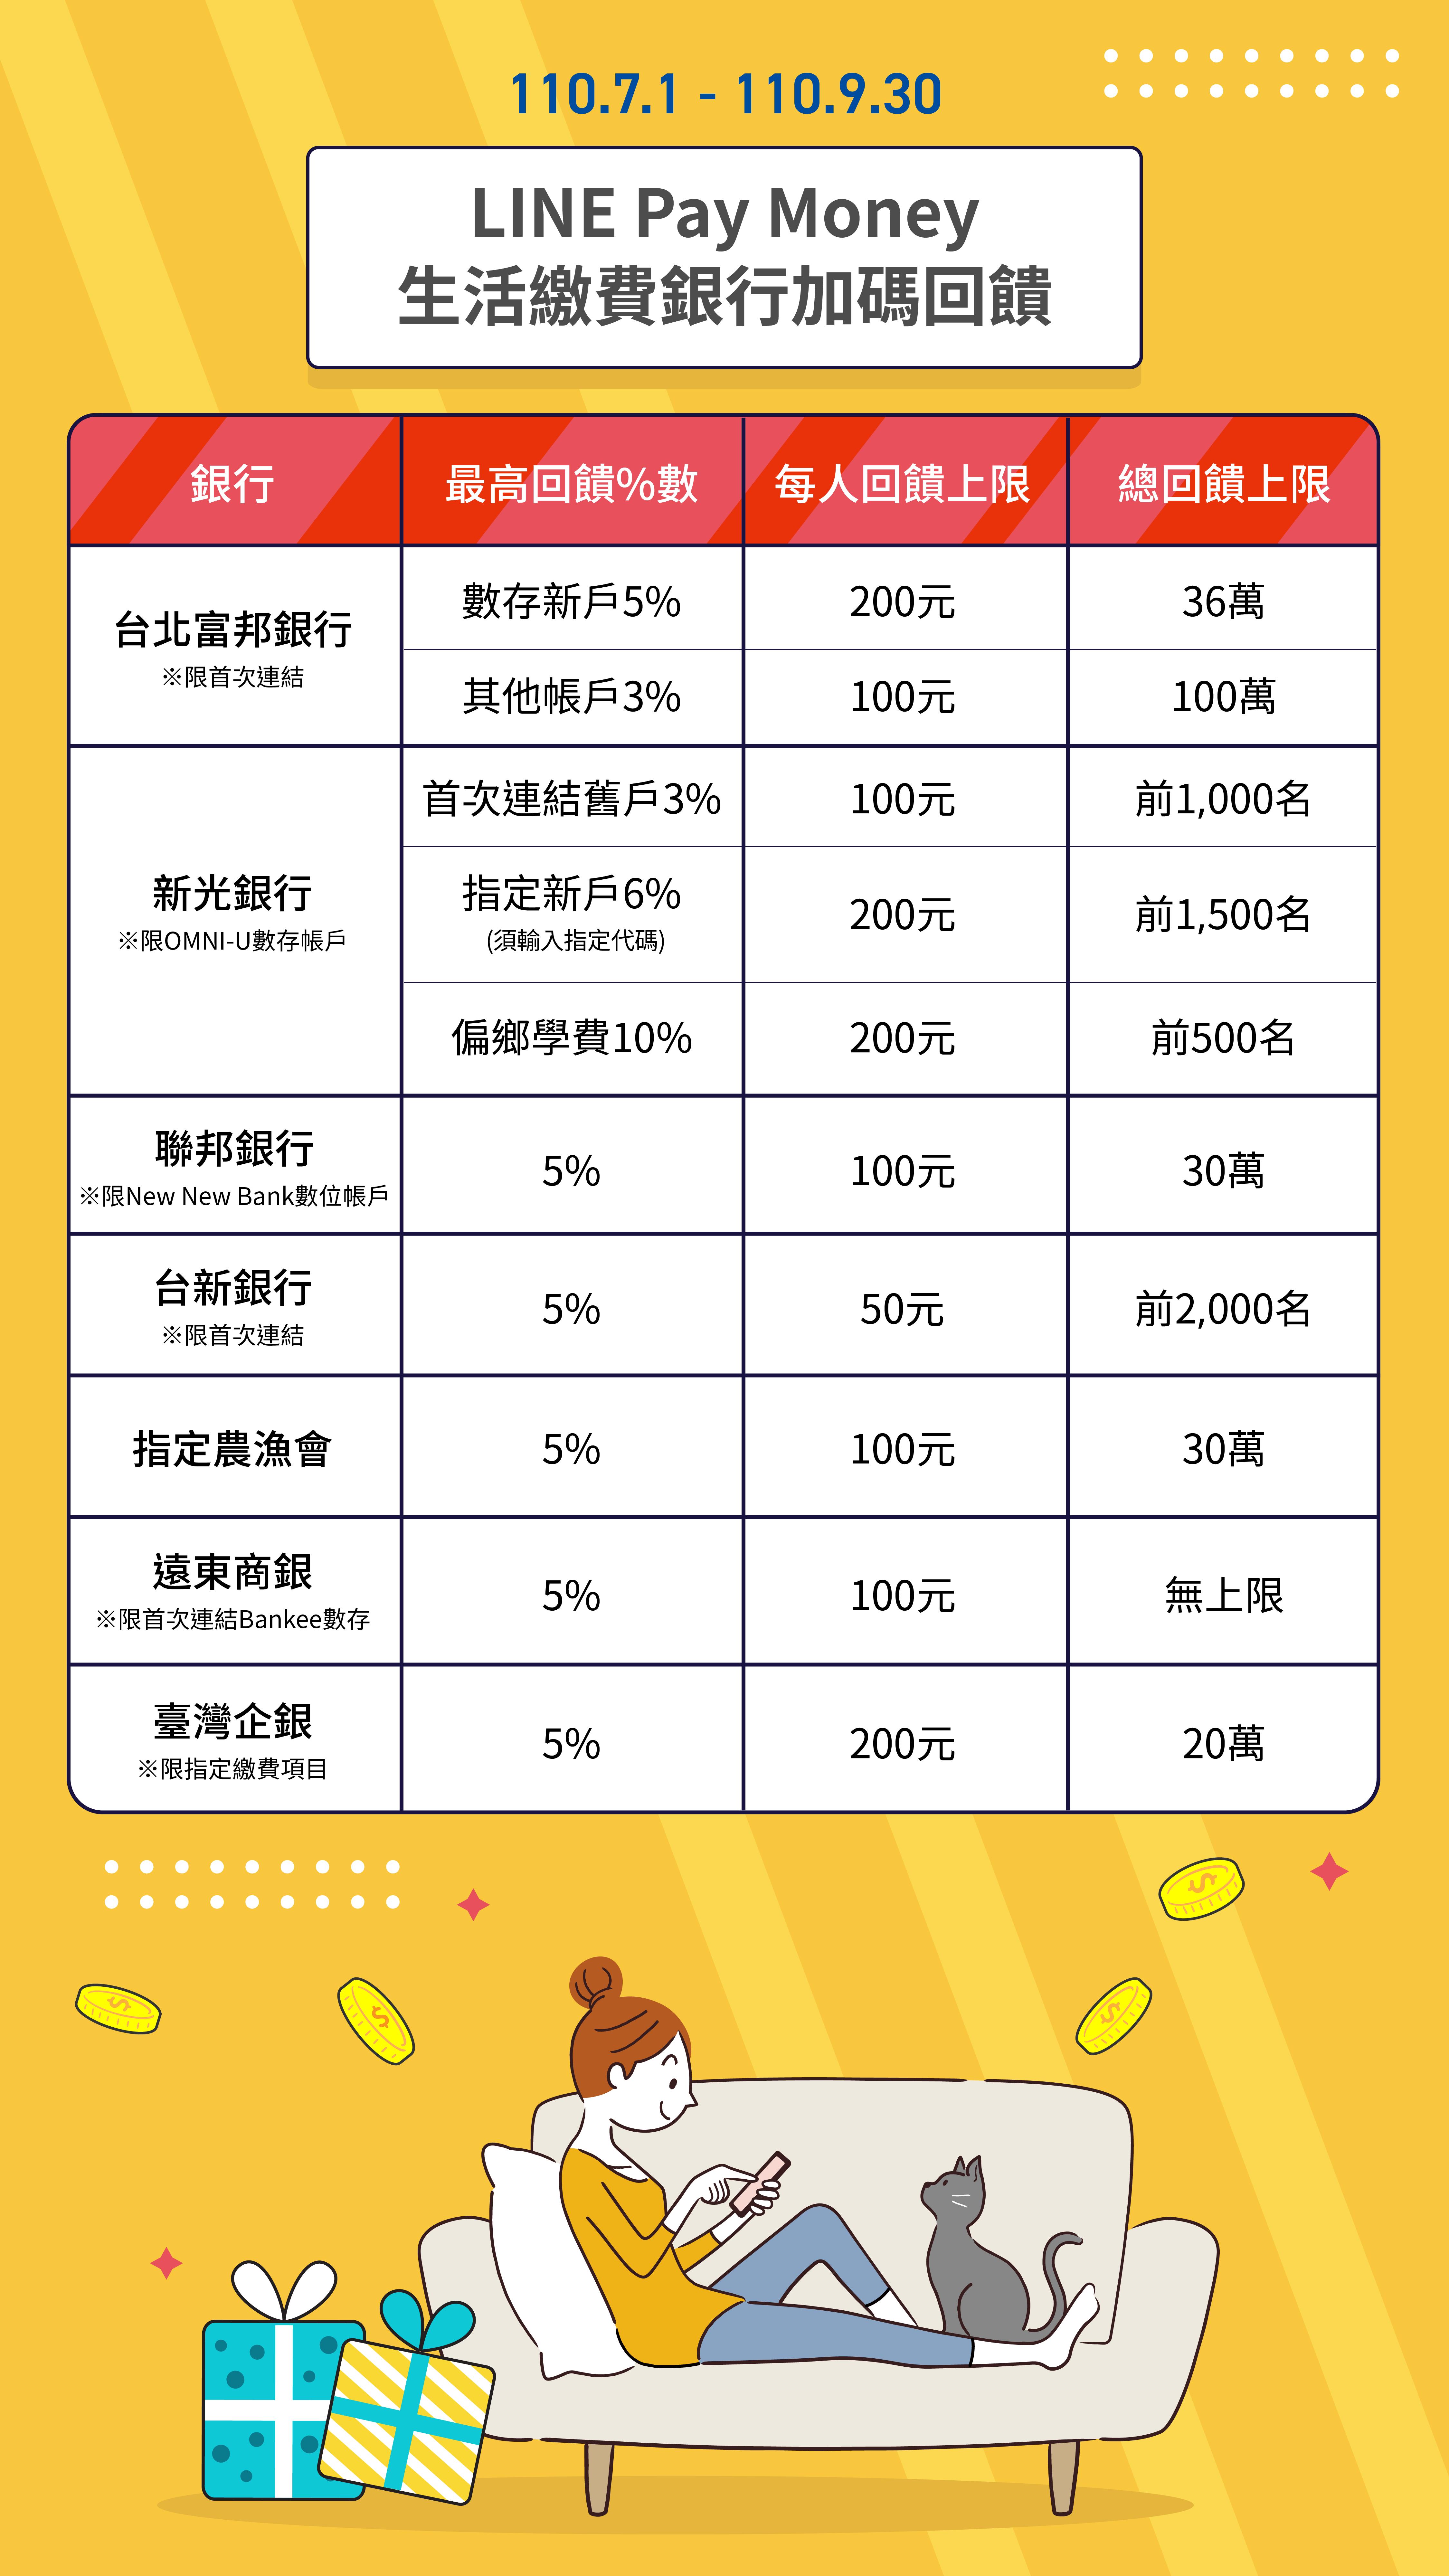 圖2_LINE Pay Money生活繳費銀行加碼回饋一覽表